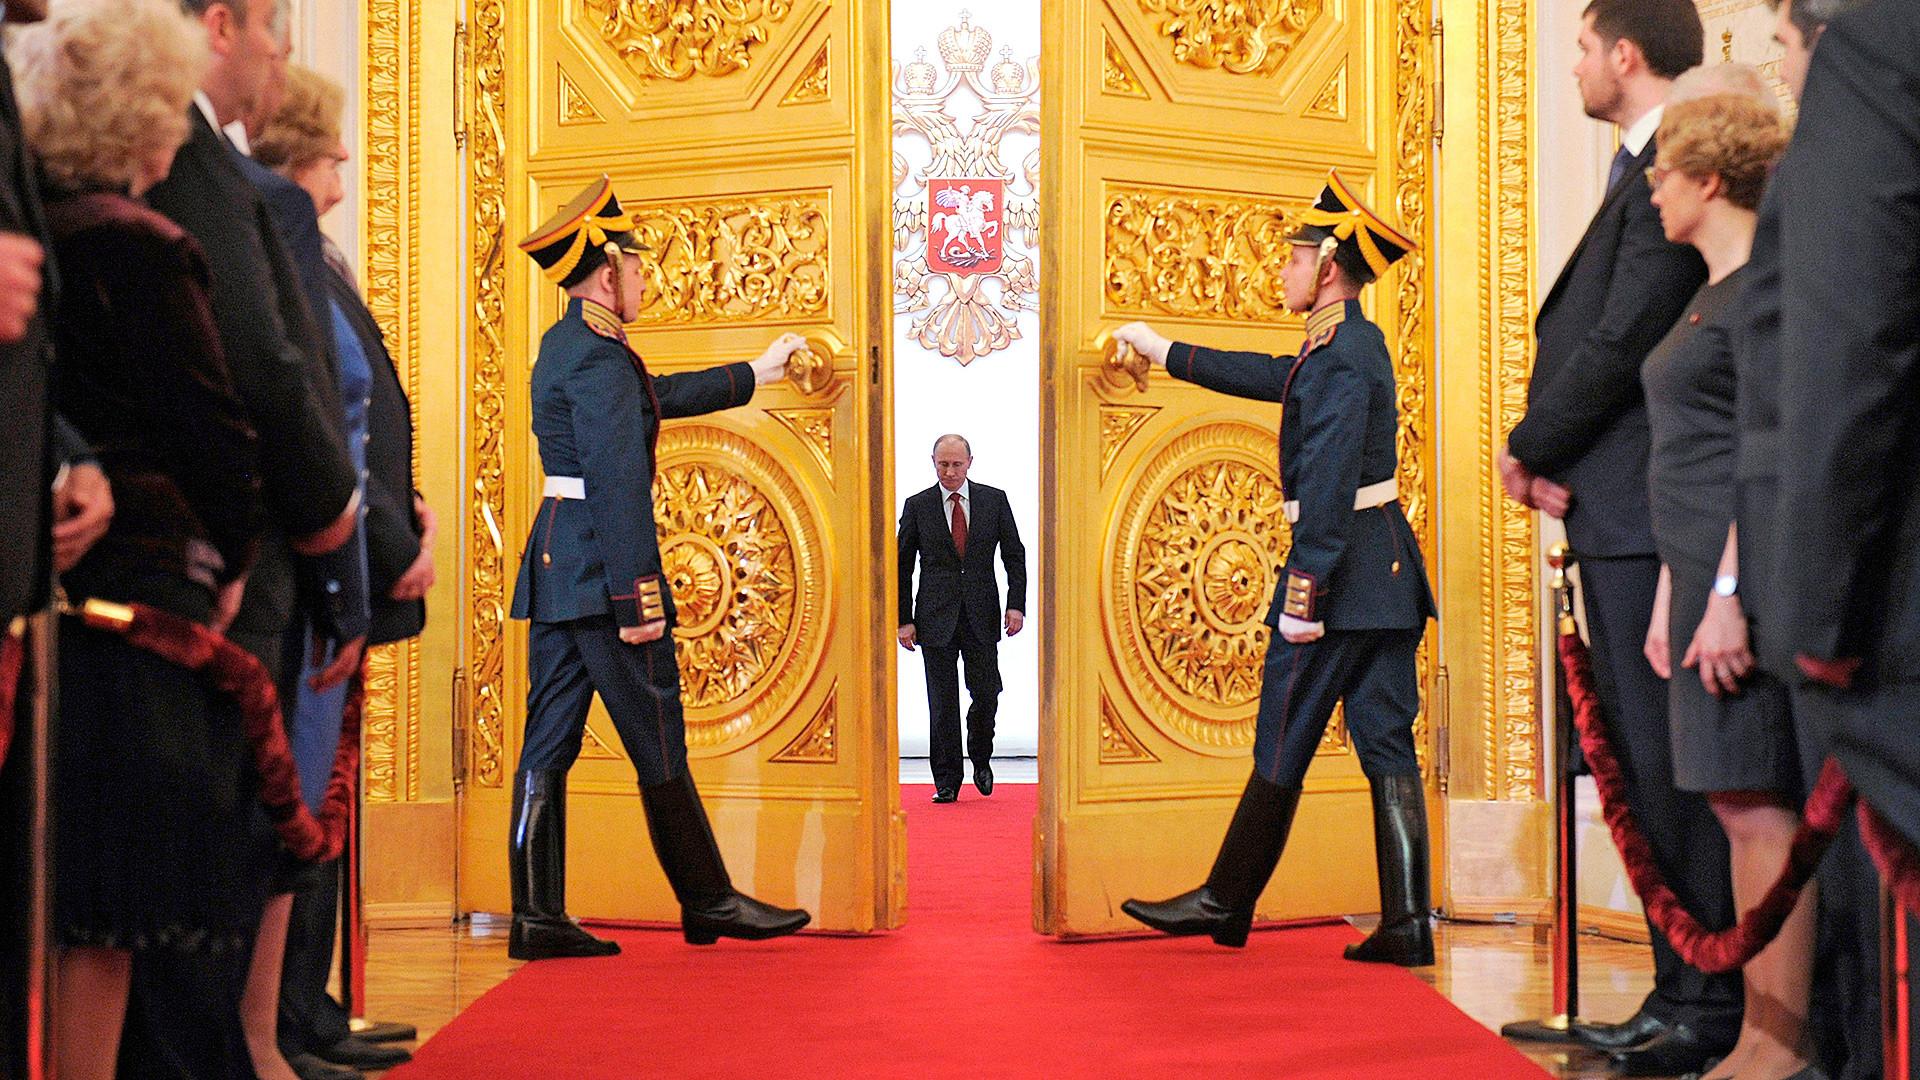 Инаугурация президента российской федерации — википедия. что такое инаугурация президента российской федерации